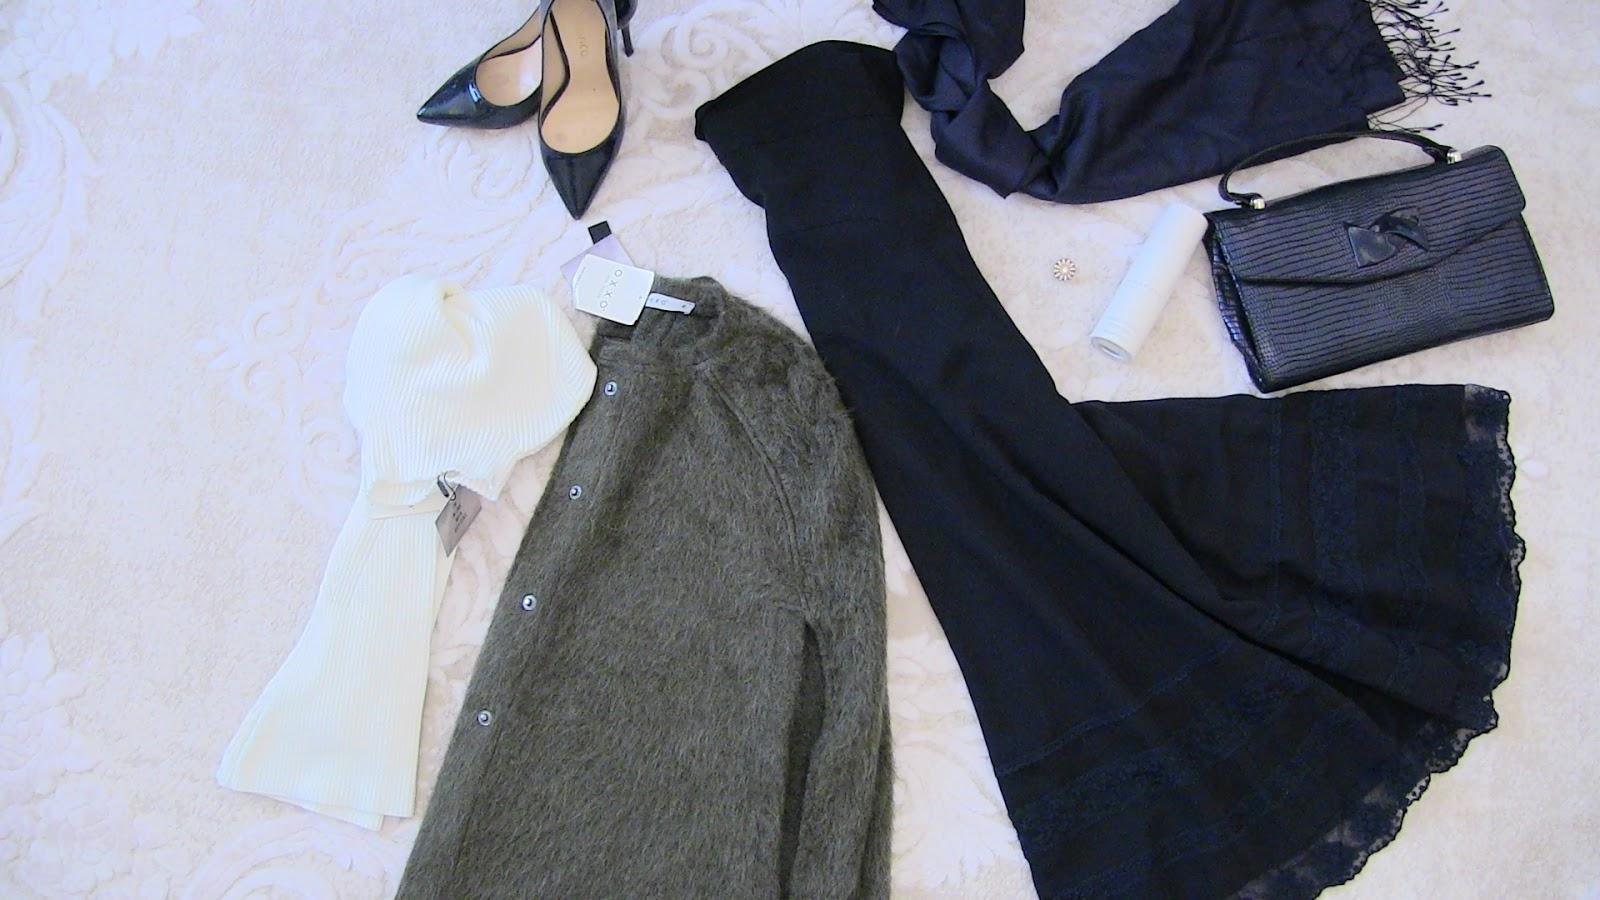 oxxo yeşil ceket mont, tesettür etek, kemal tanca çanta ve ayakkabı, oxxo beyaz boğazlı triko